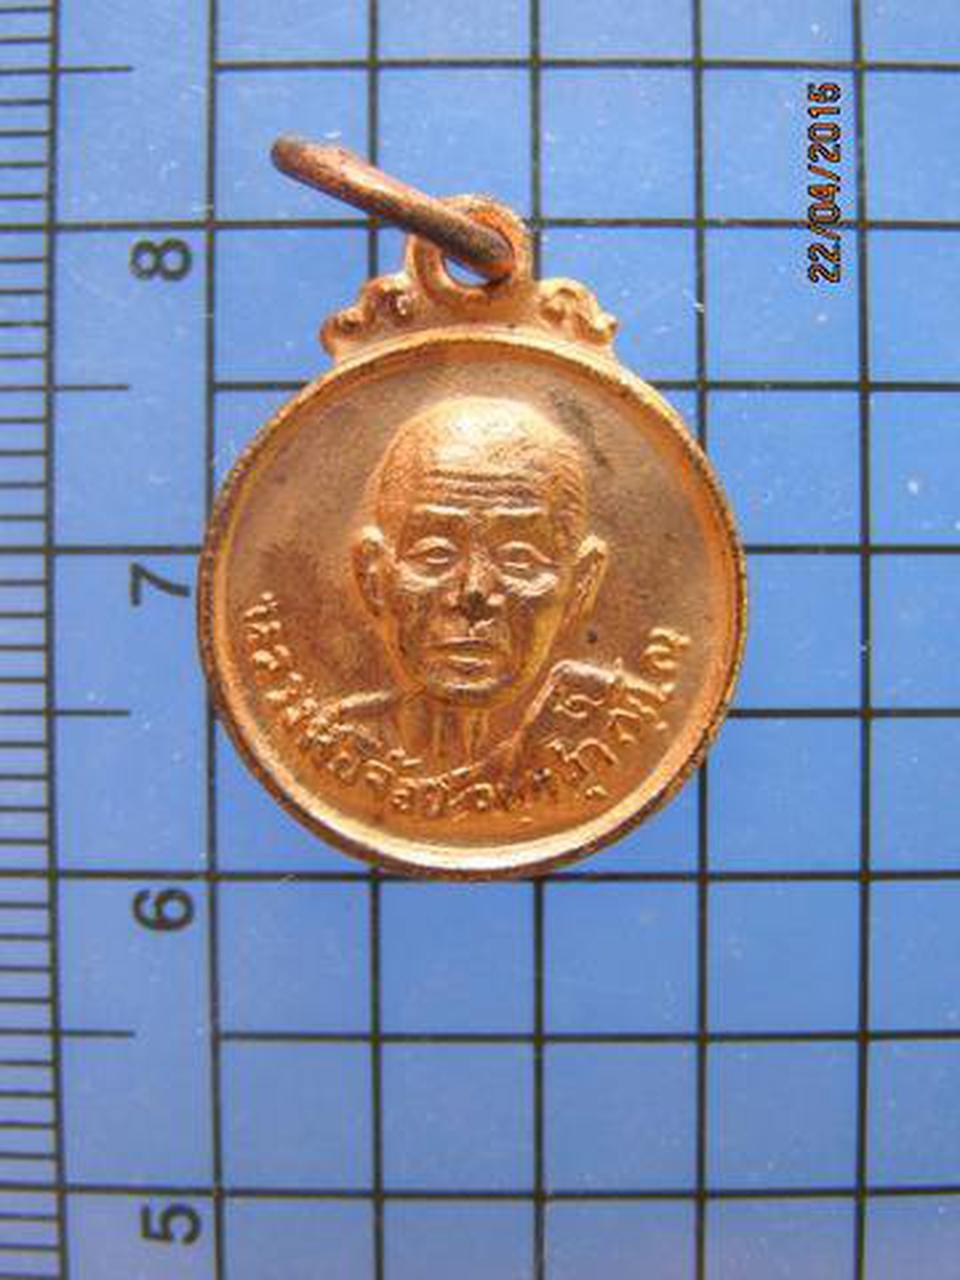 1849 เหรียญกลมเล็กหลวงพ่อจ้อย วัดศรีอุทุมพร ปี 2534 รุ่นเมตต รูปที่ 2